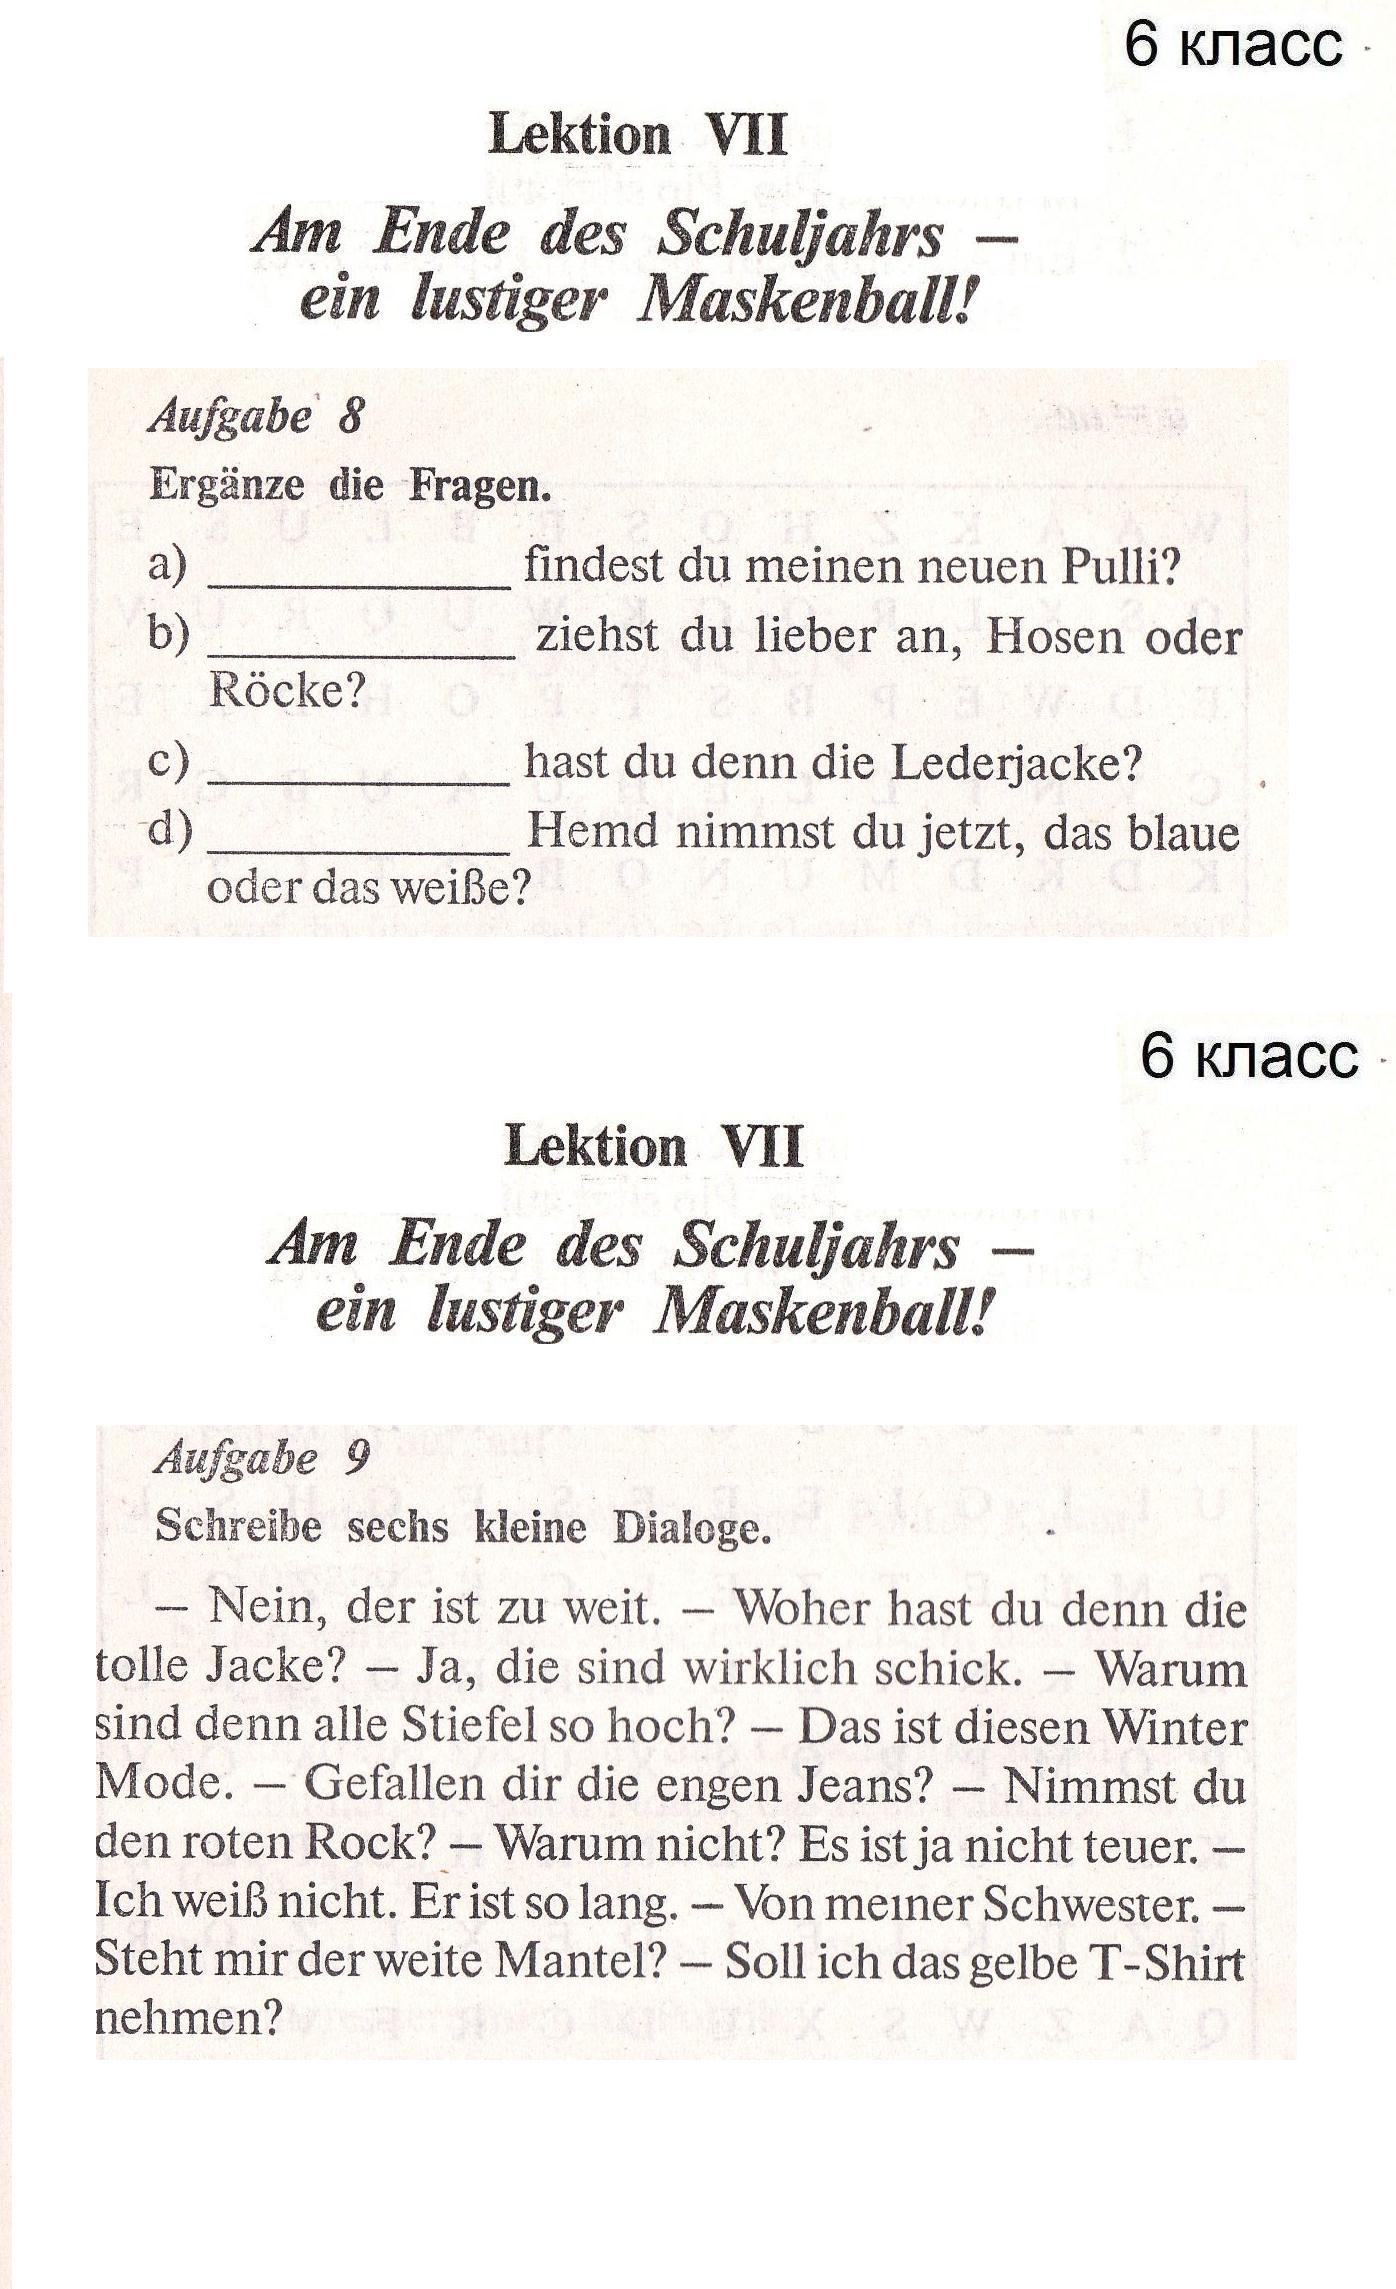 D:\Лариса\Немецкий язык\5 - 9 классы\6 класс\Контрольные 6 класс\Lektion VII\Задания 08 - 09.jpg